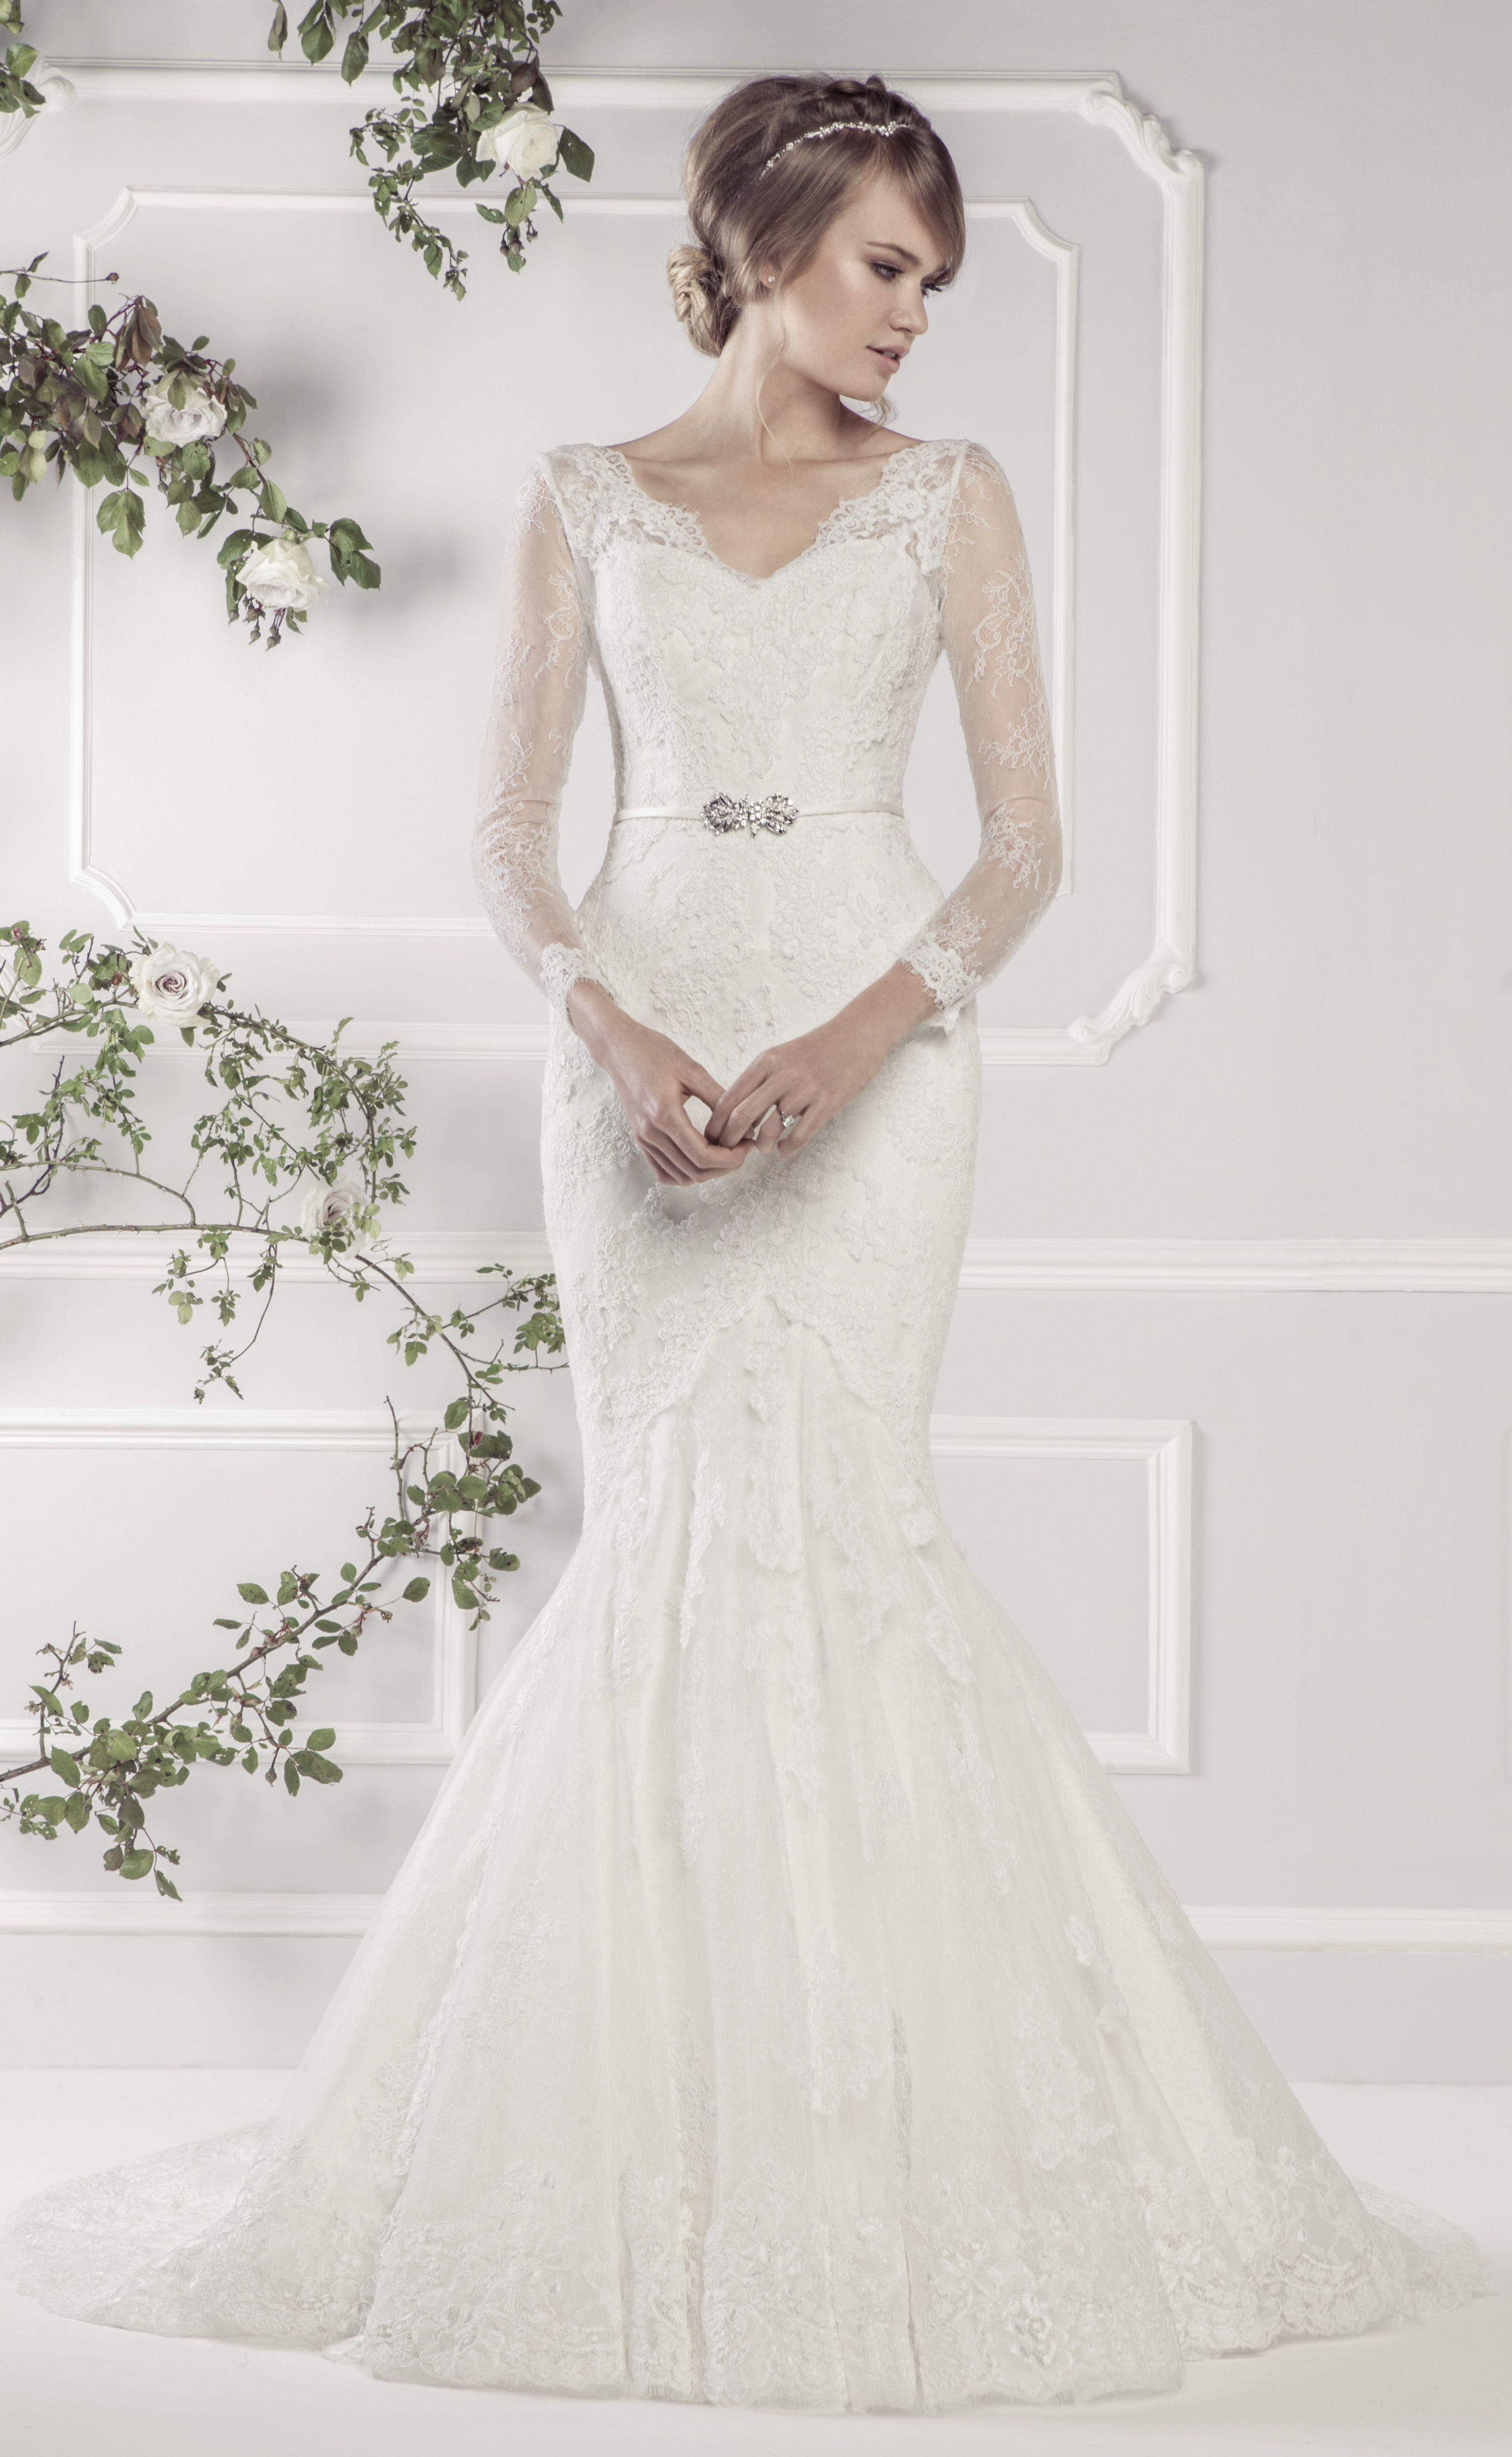 elegant wedding dress with long sleeves for older bride